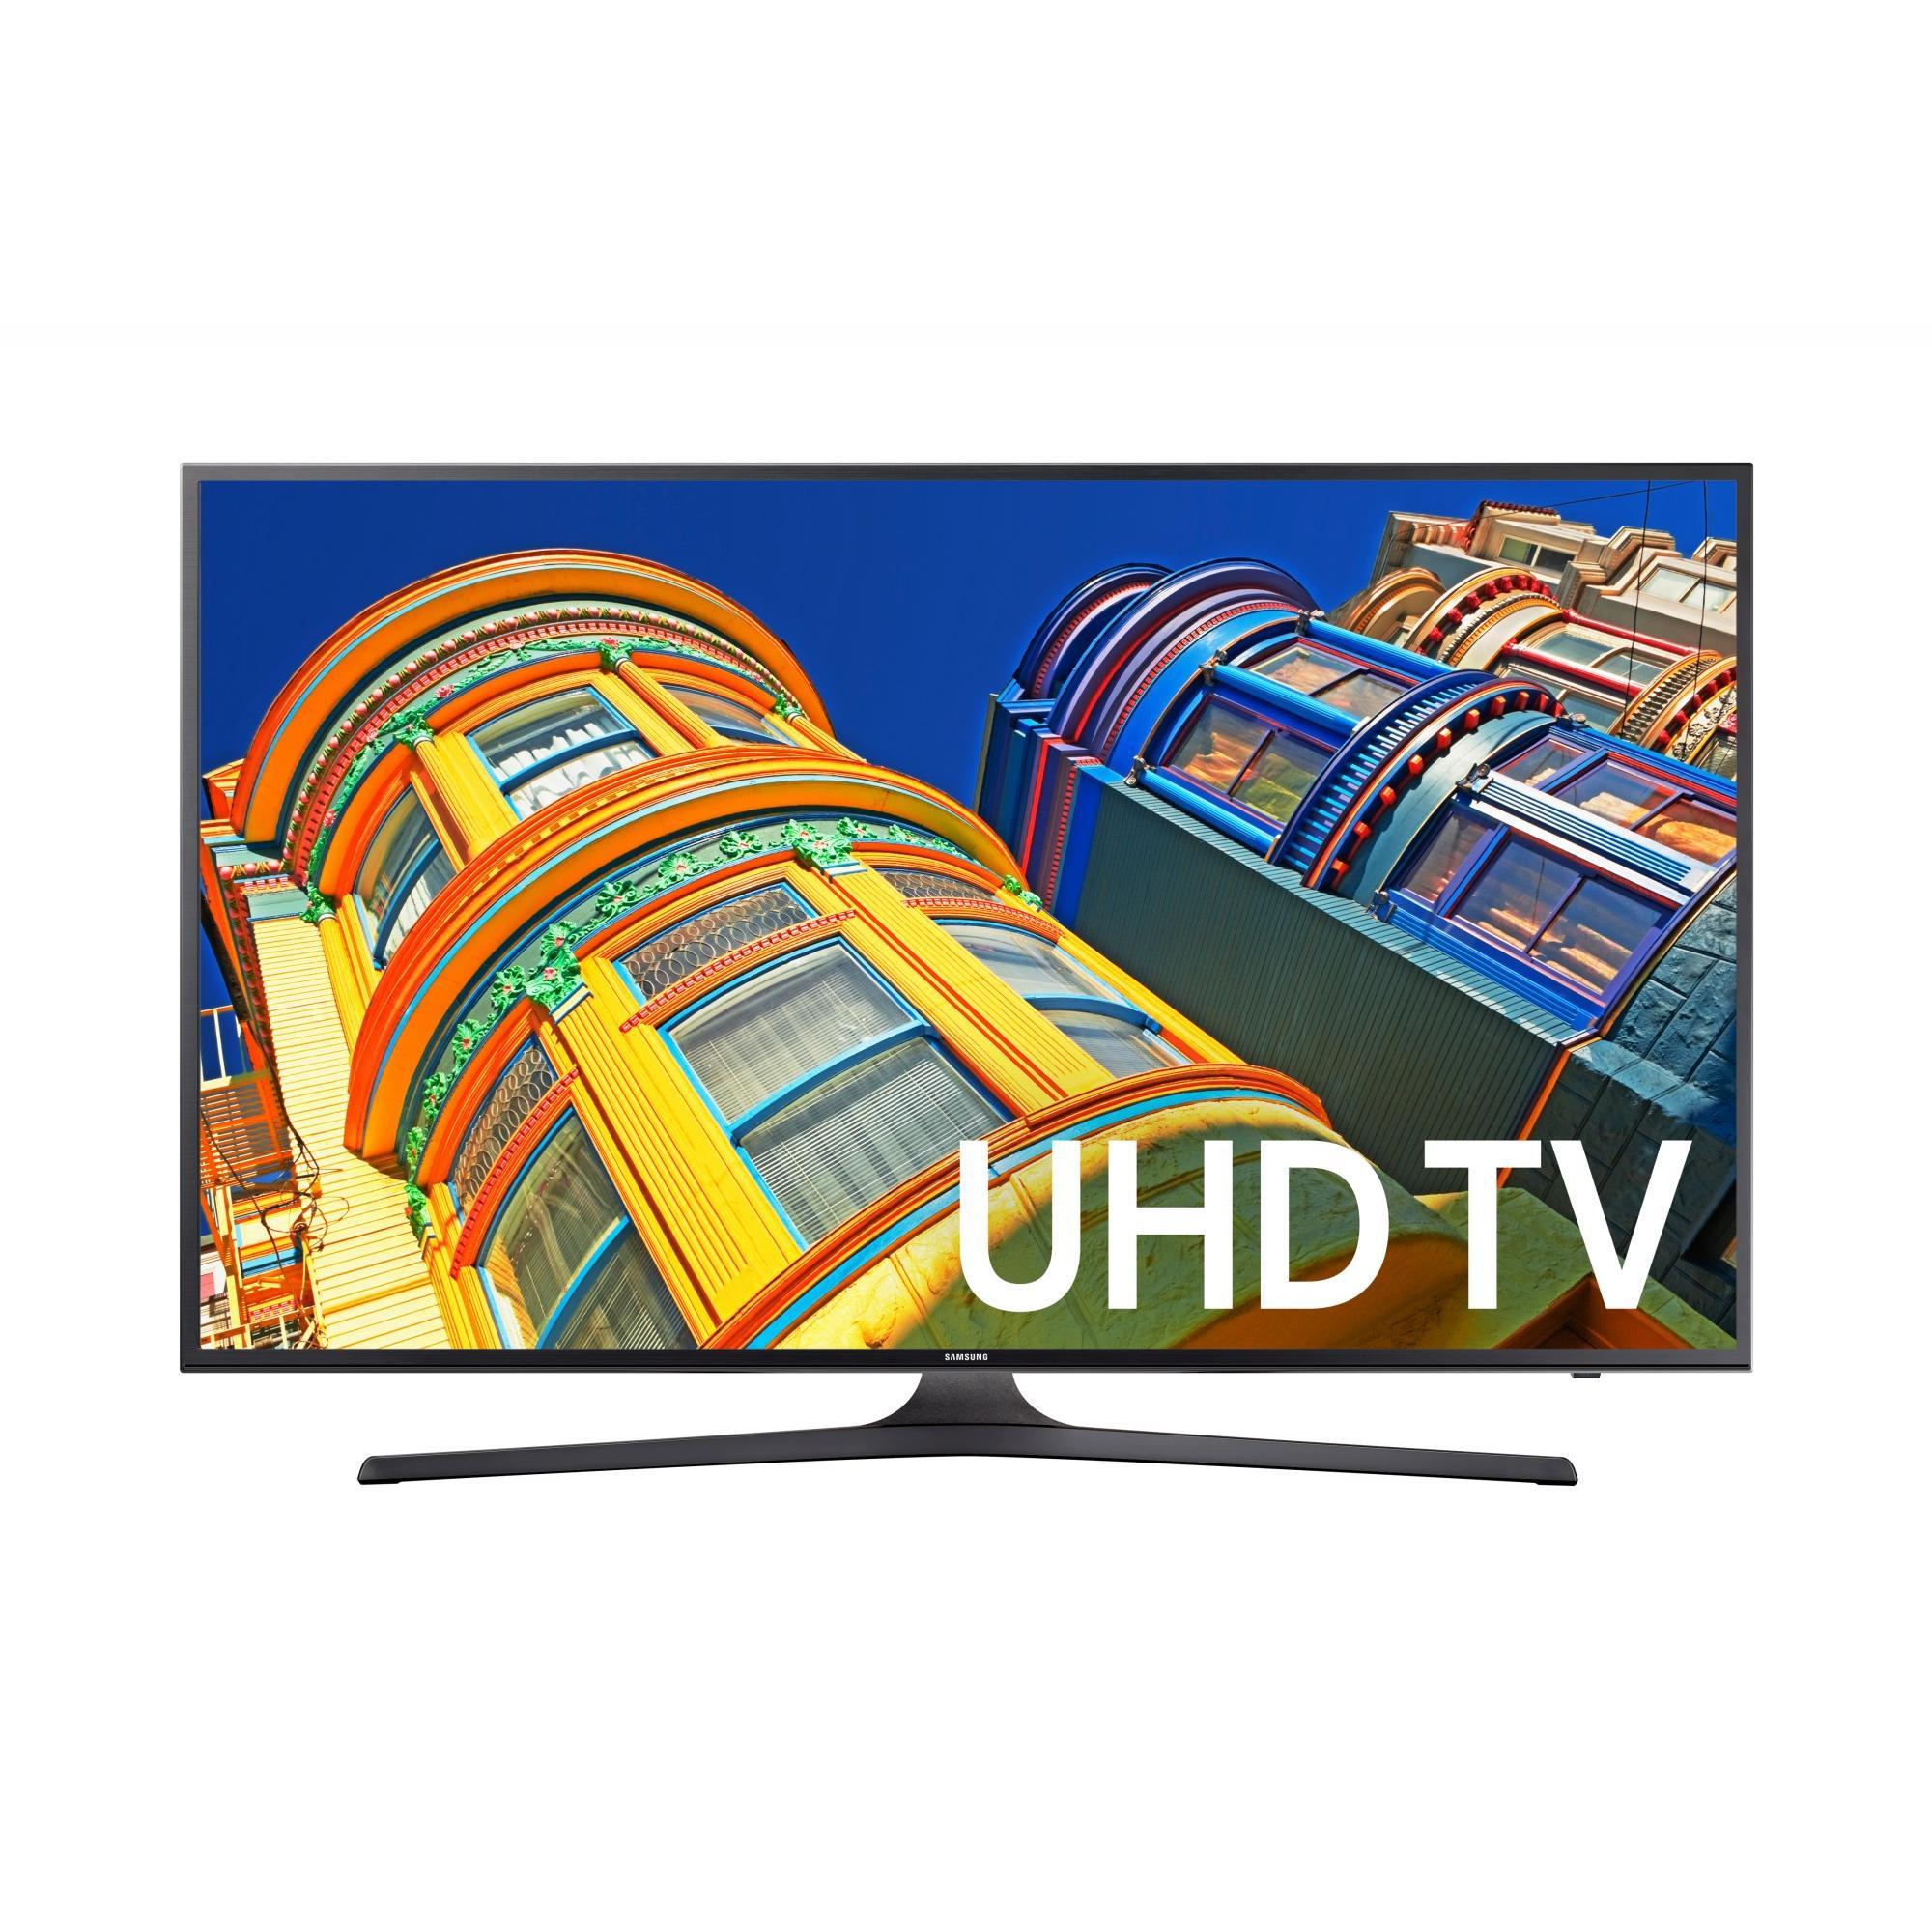 """SAMSUNG 40"""" 6300 Series - 4K Ultra HD Smart LED TV - 2160p, 120MR (Model#: UN40KU6300)"""